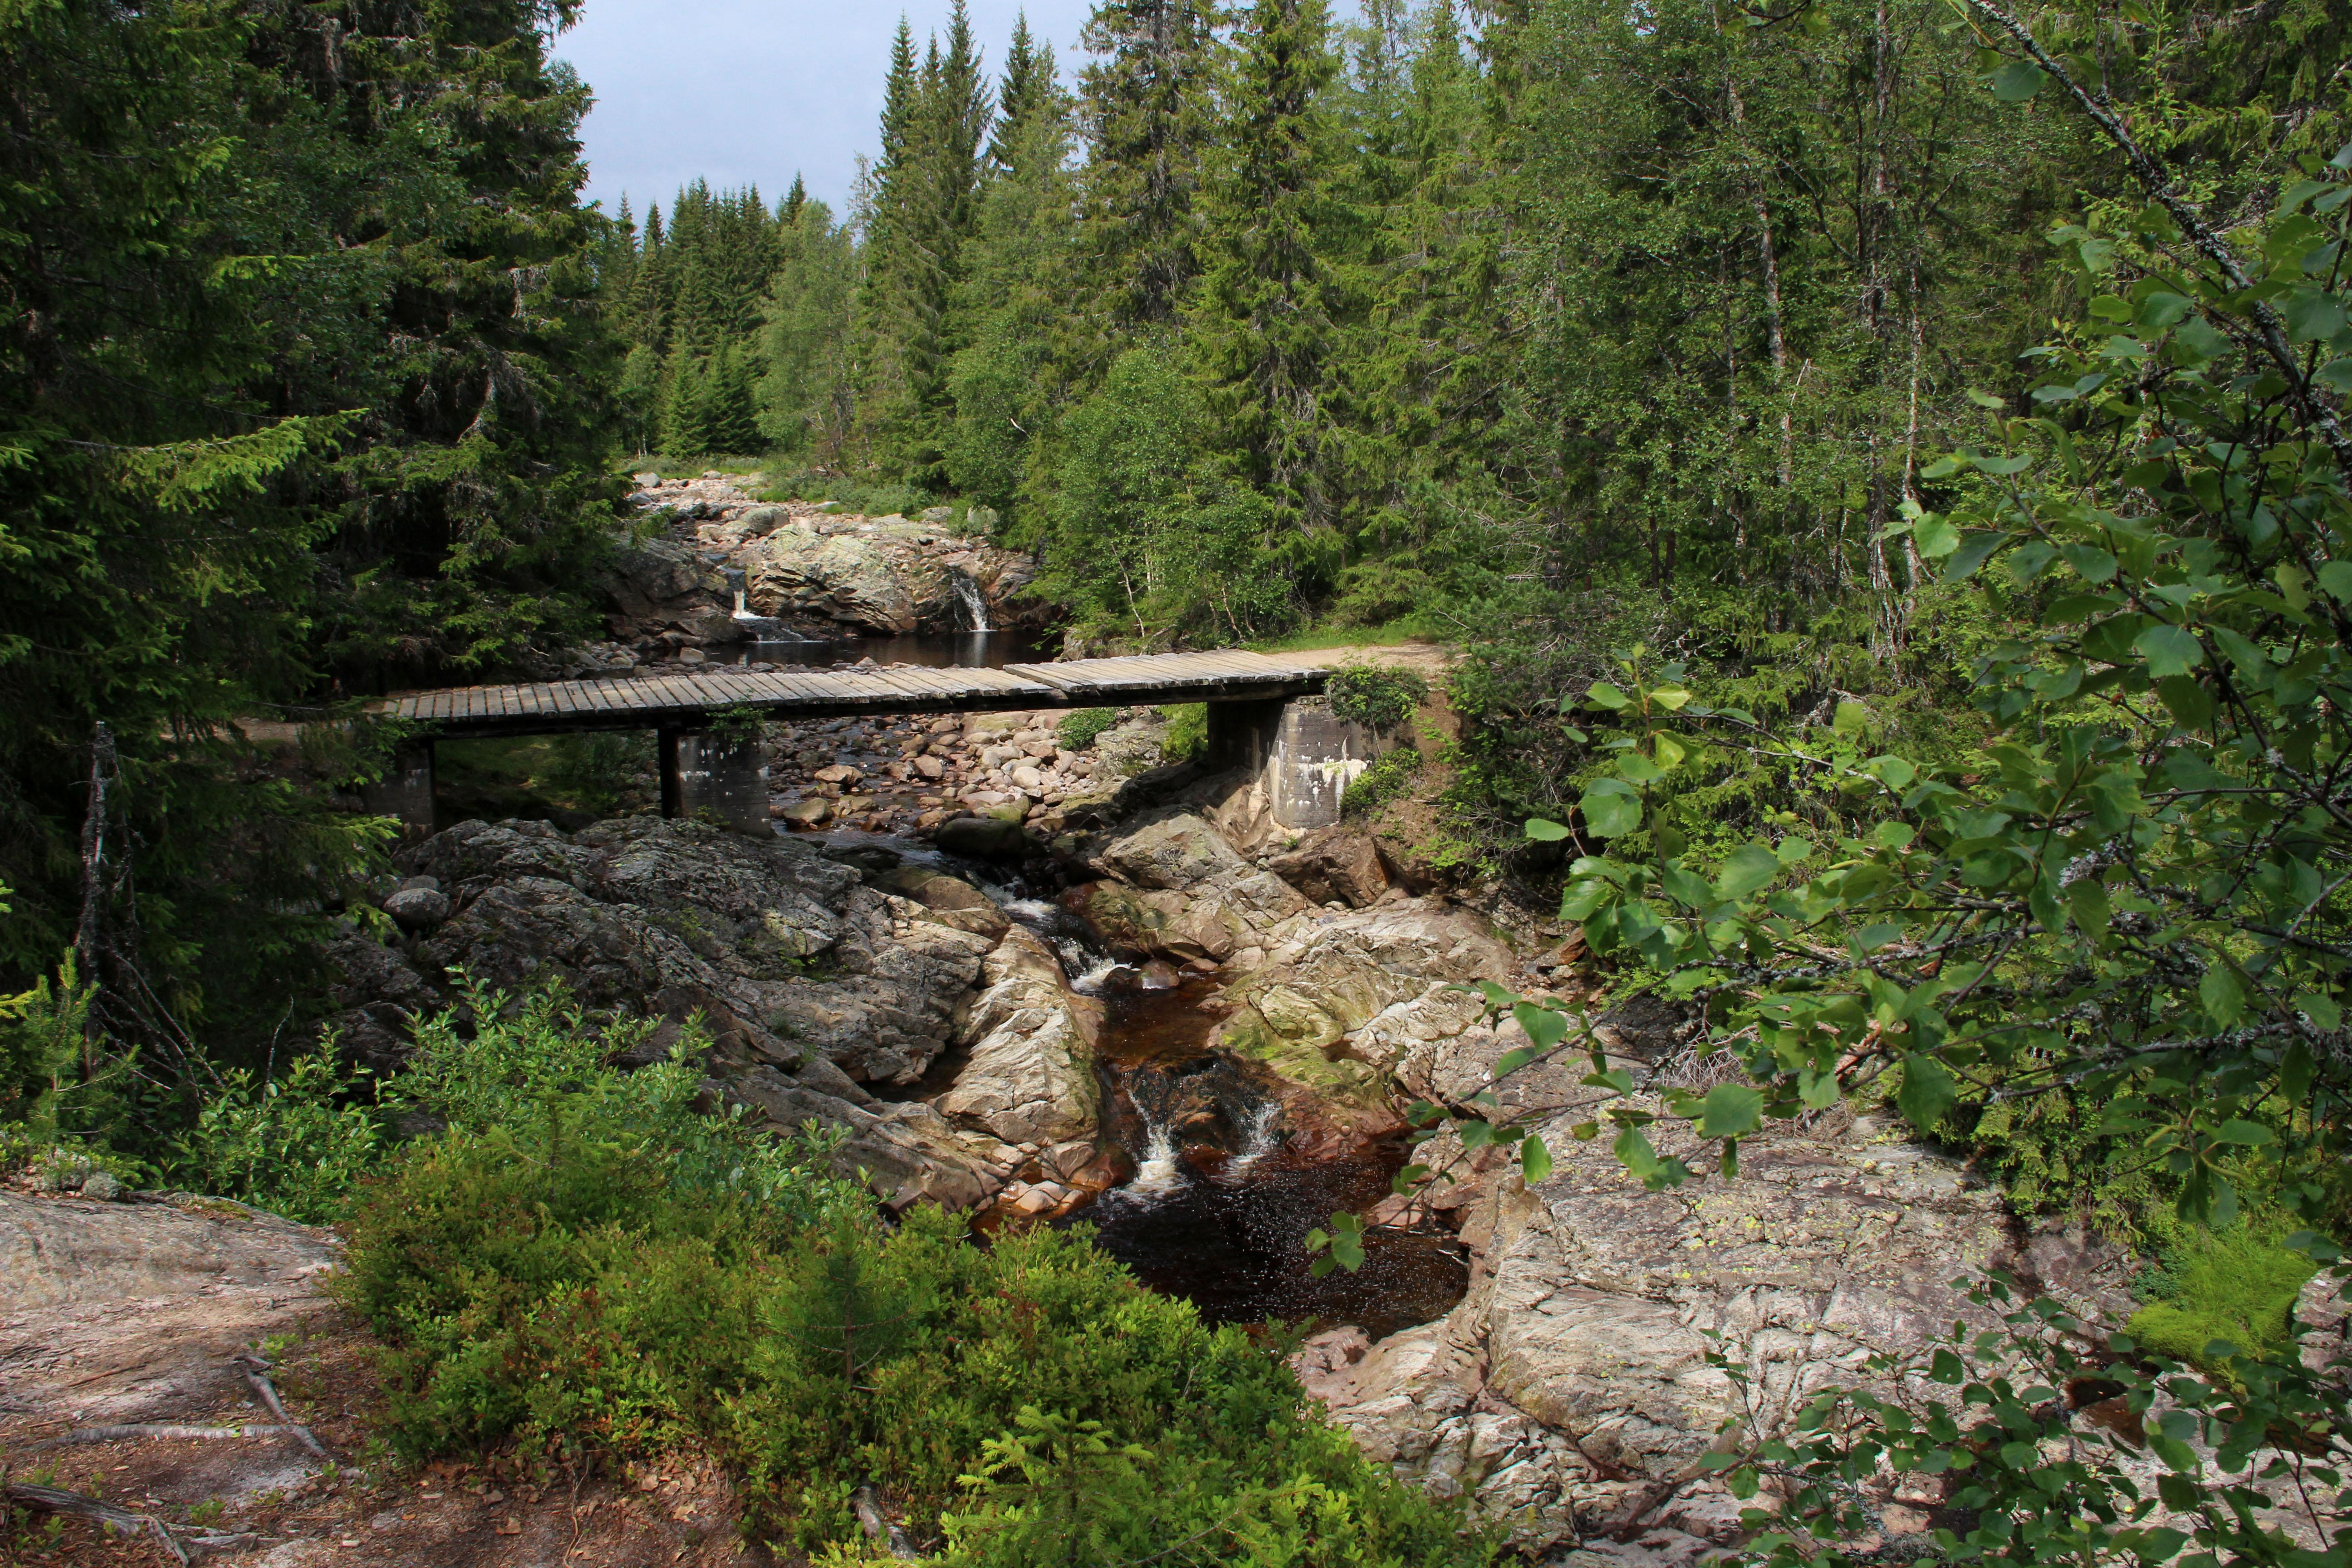 En varm og tørr sommer gir lav vannstand, og gode muligheter for å utforske elva nede i juvet. Her fra utgangspunktet for rundturen.